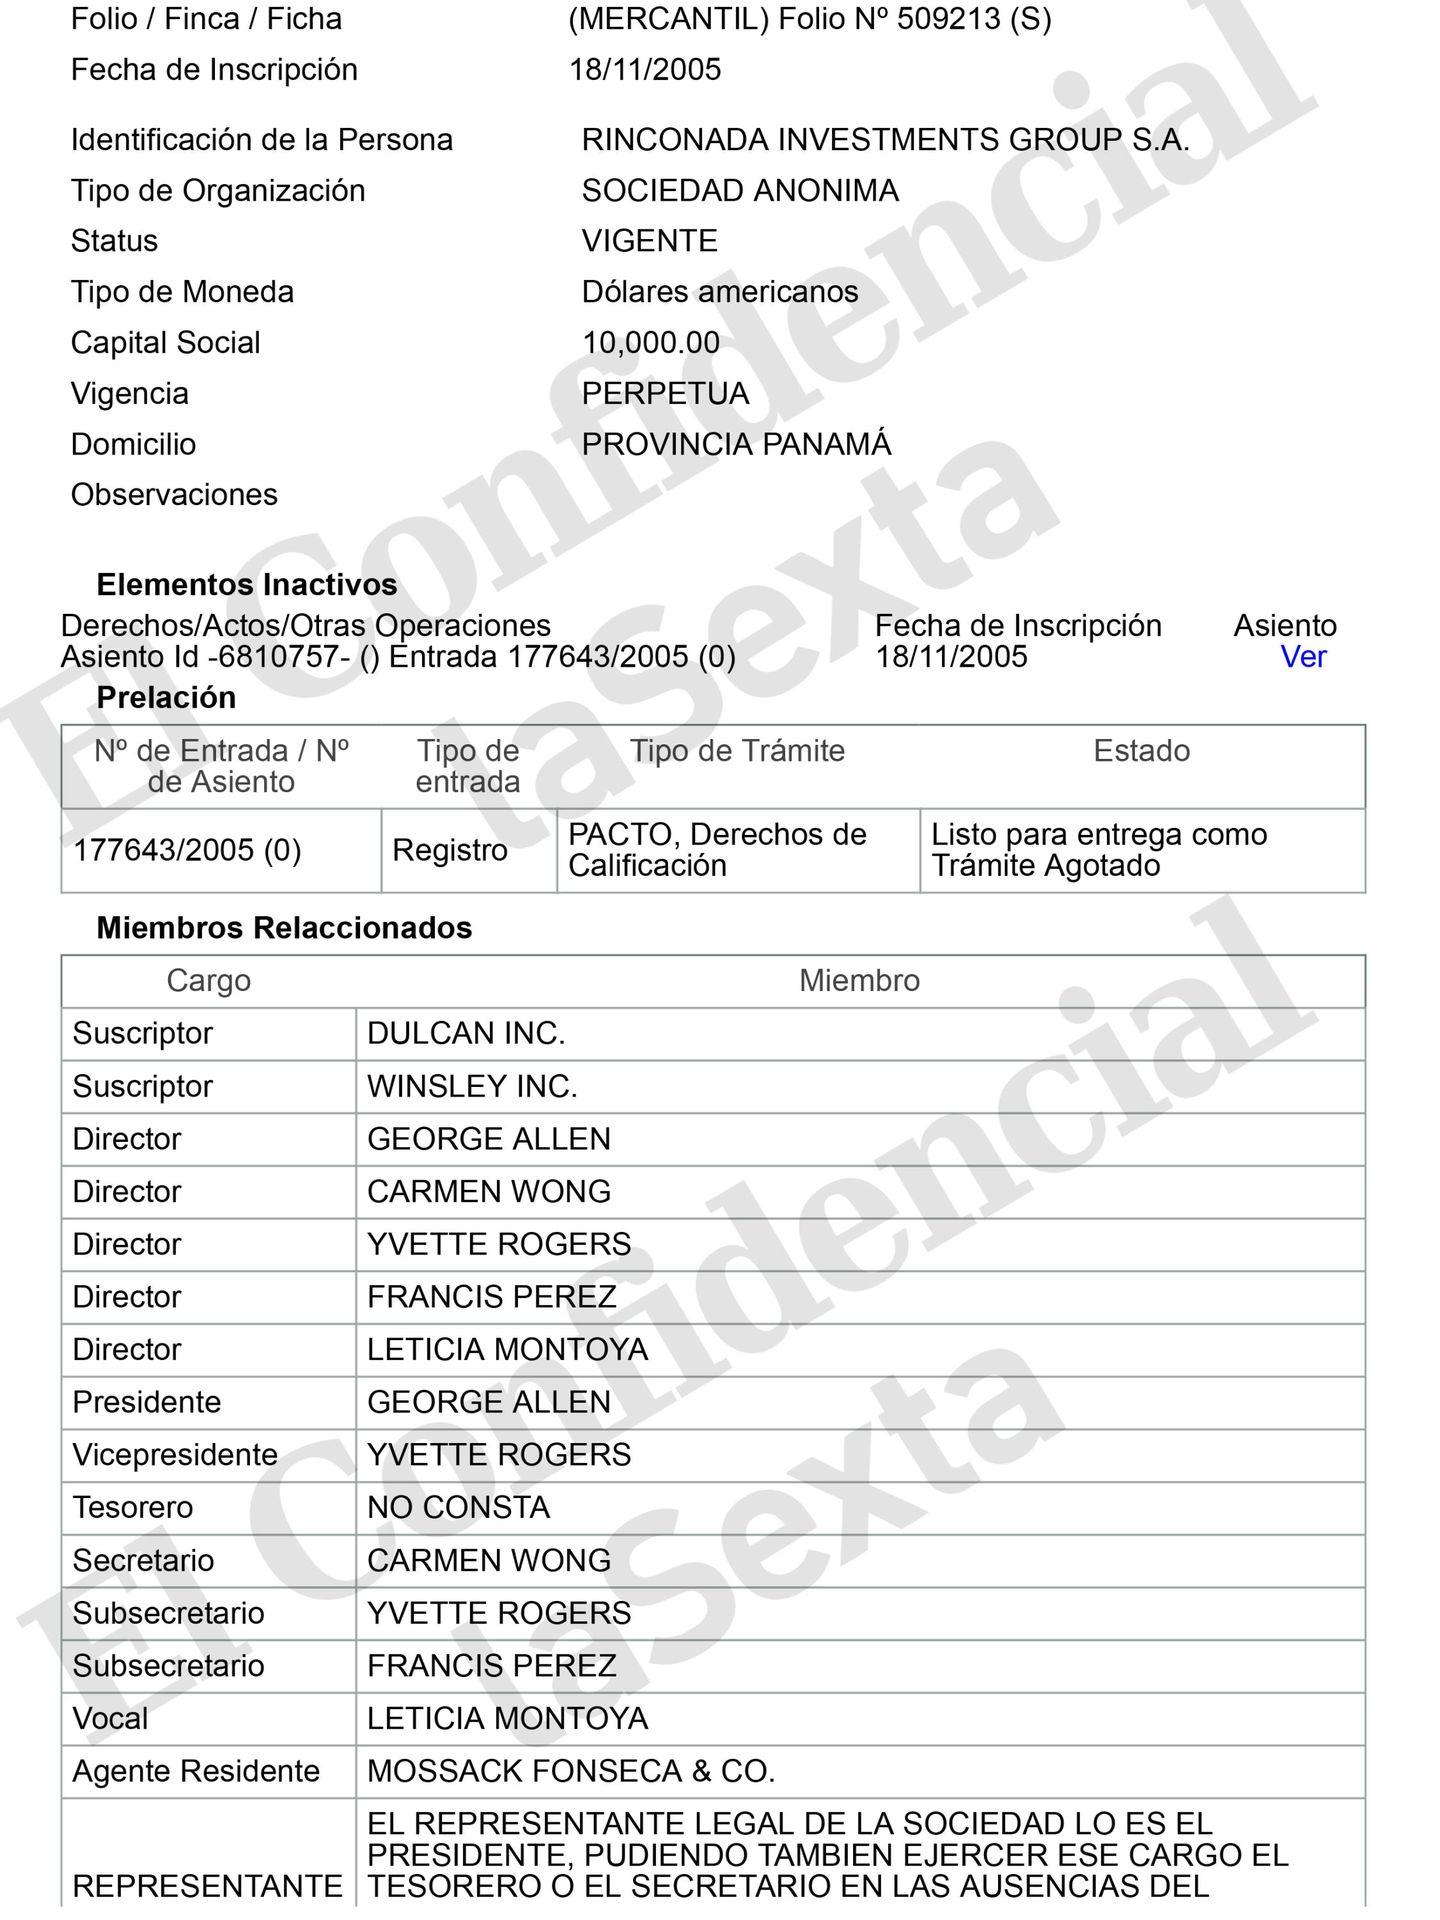 Ficha registral de Rinconada Investments.